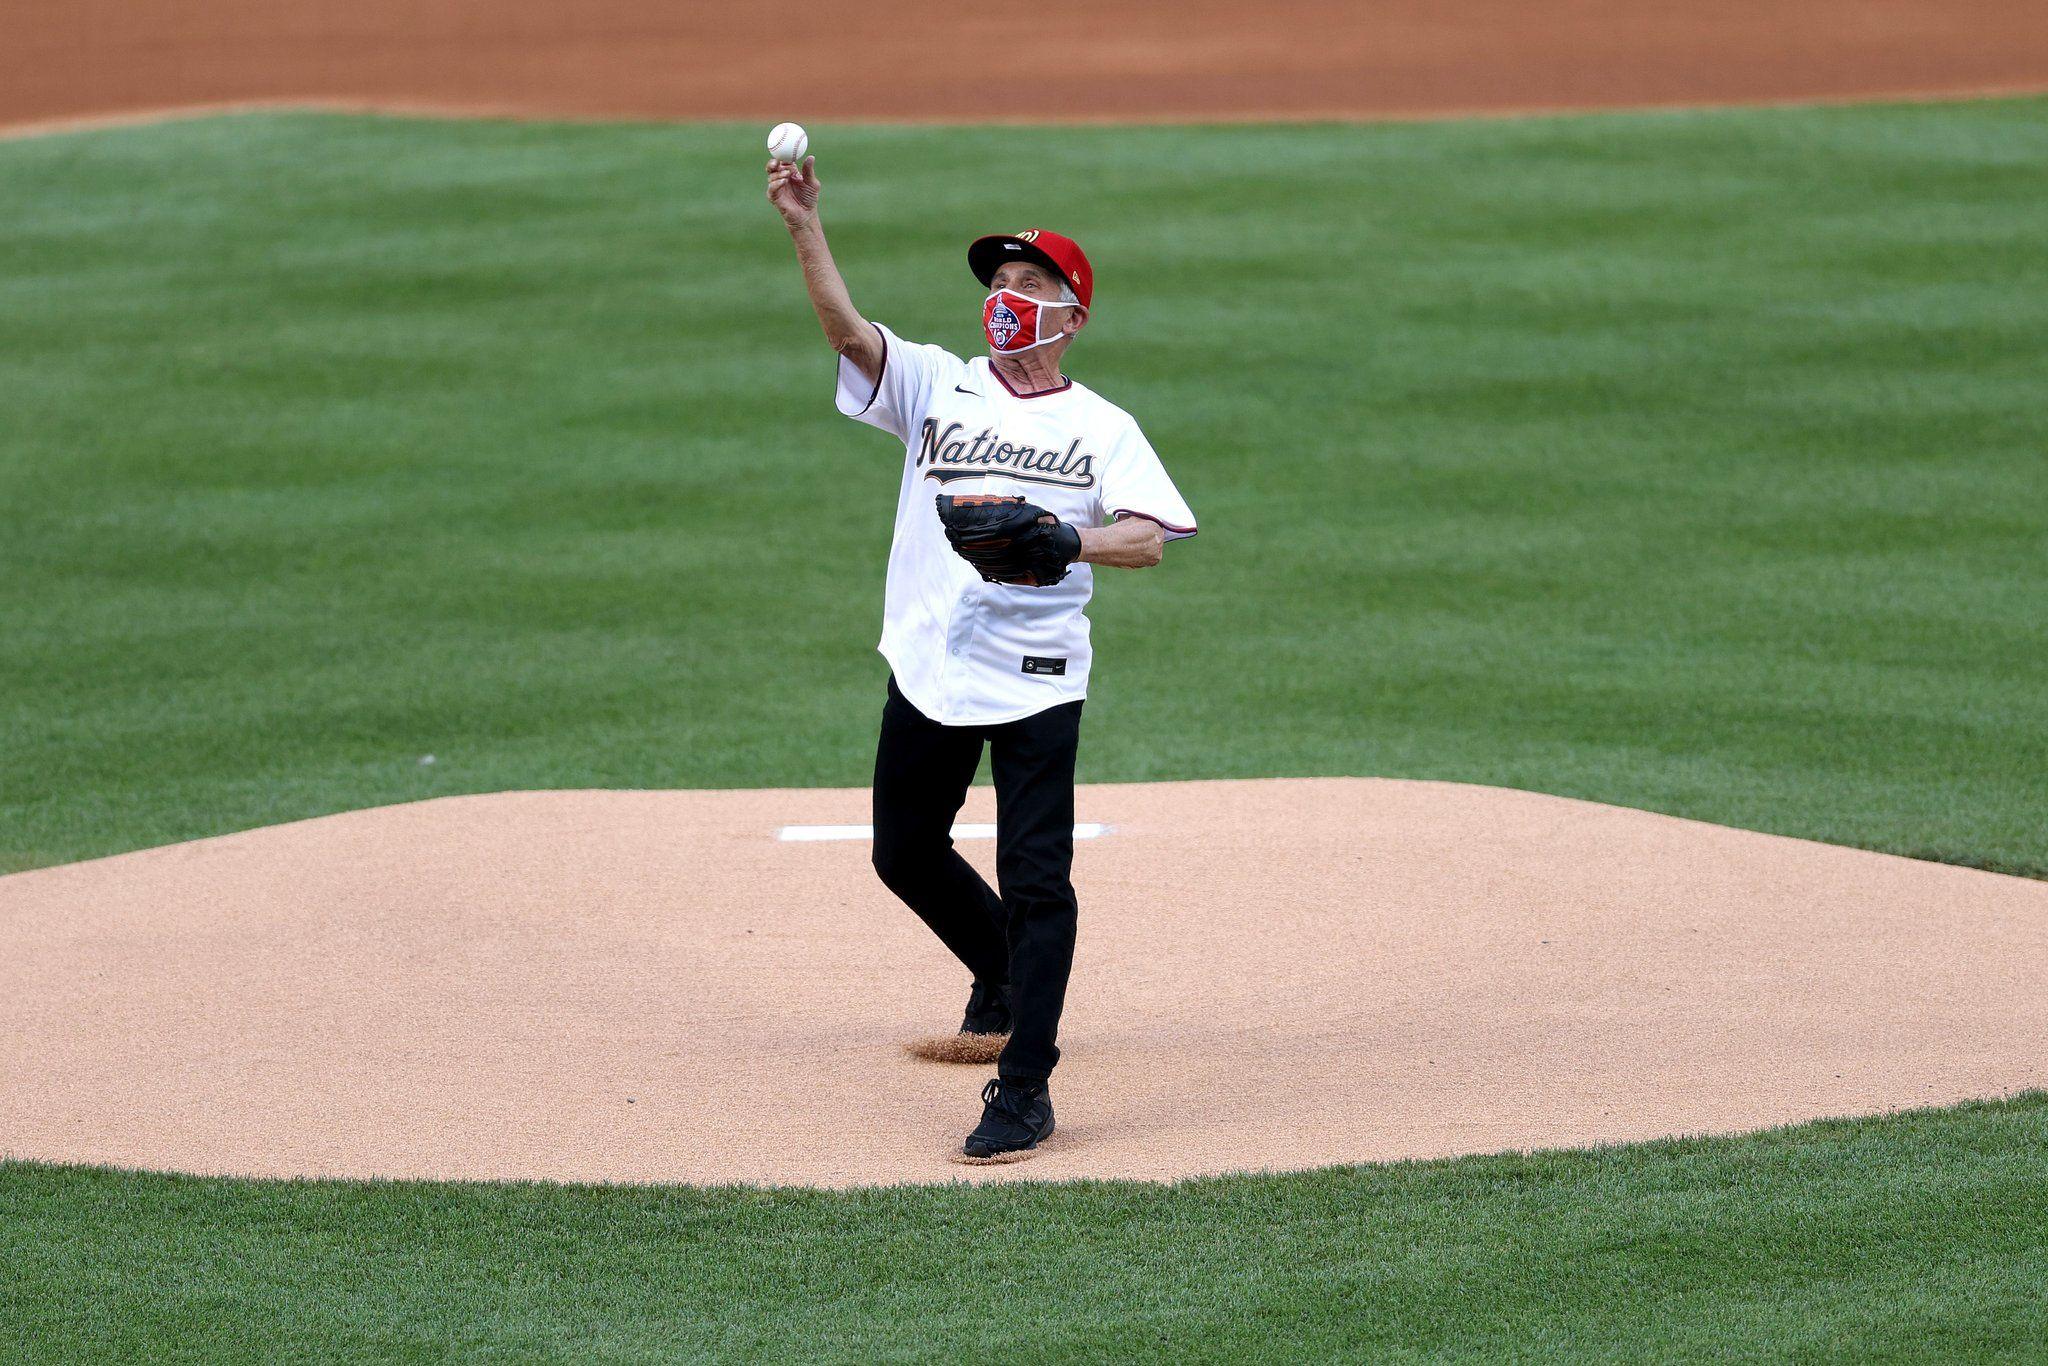 Mlb On Twitter In 2020 Baseball Season National Games Baseball